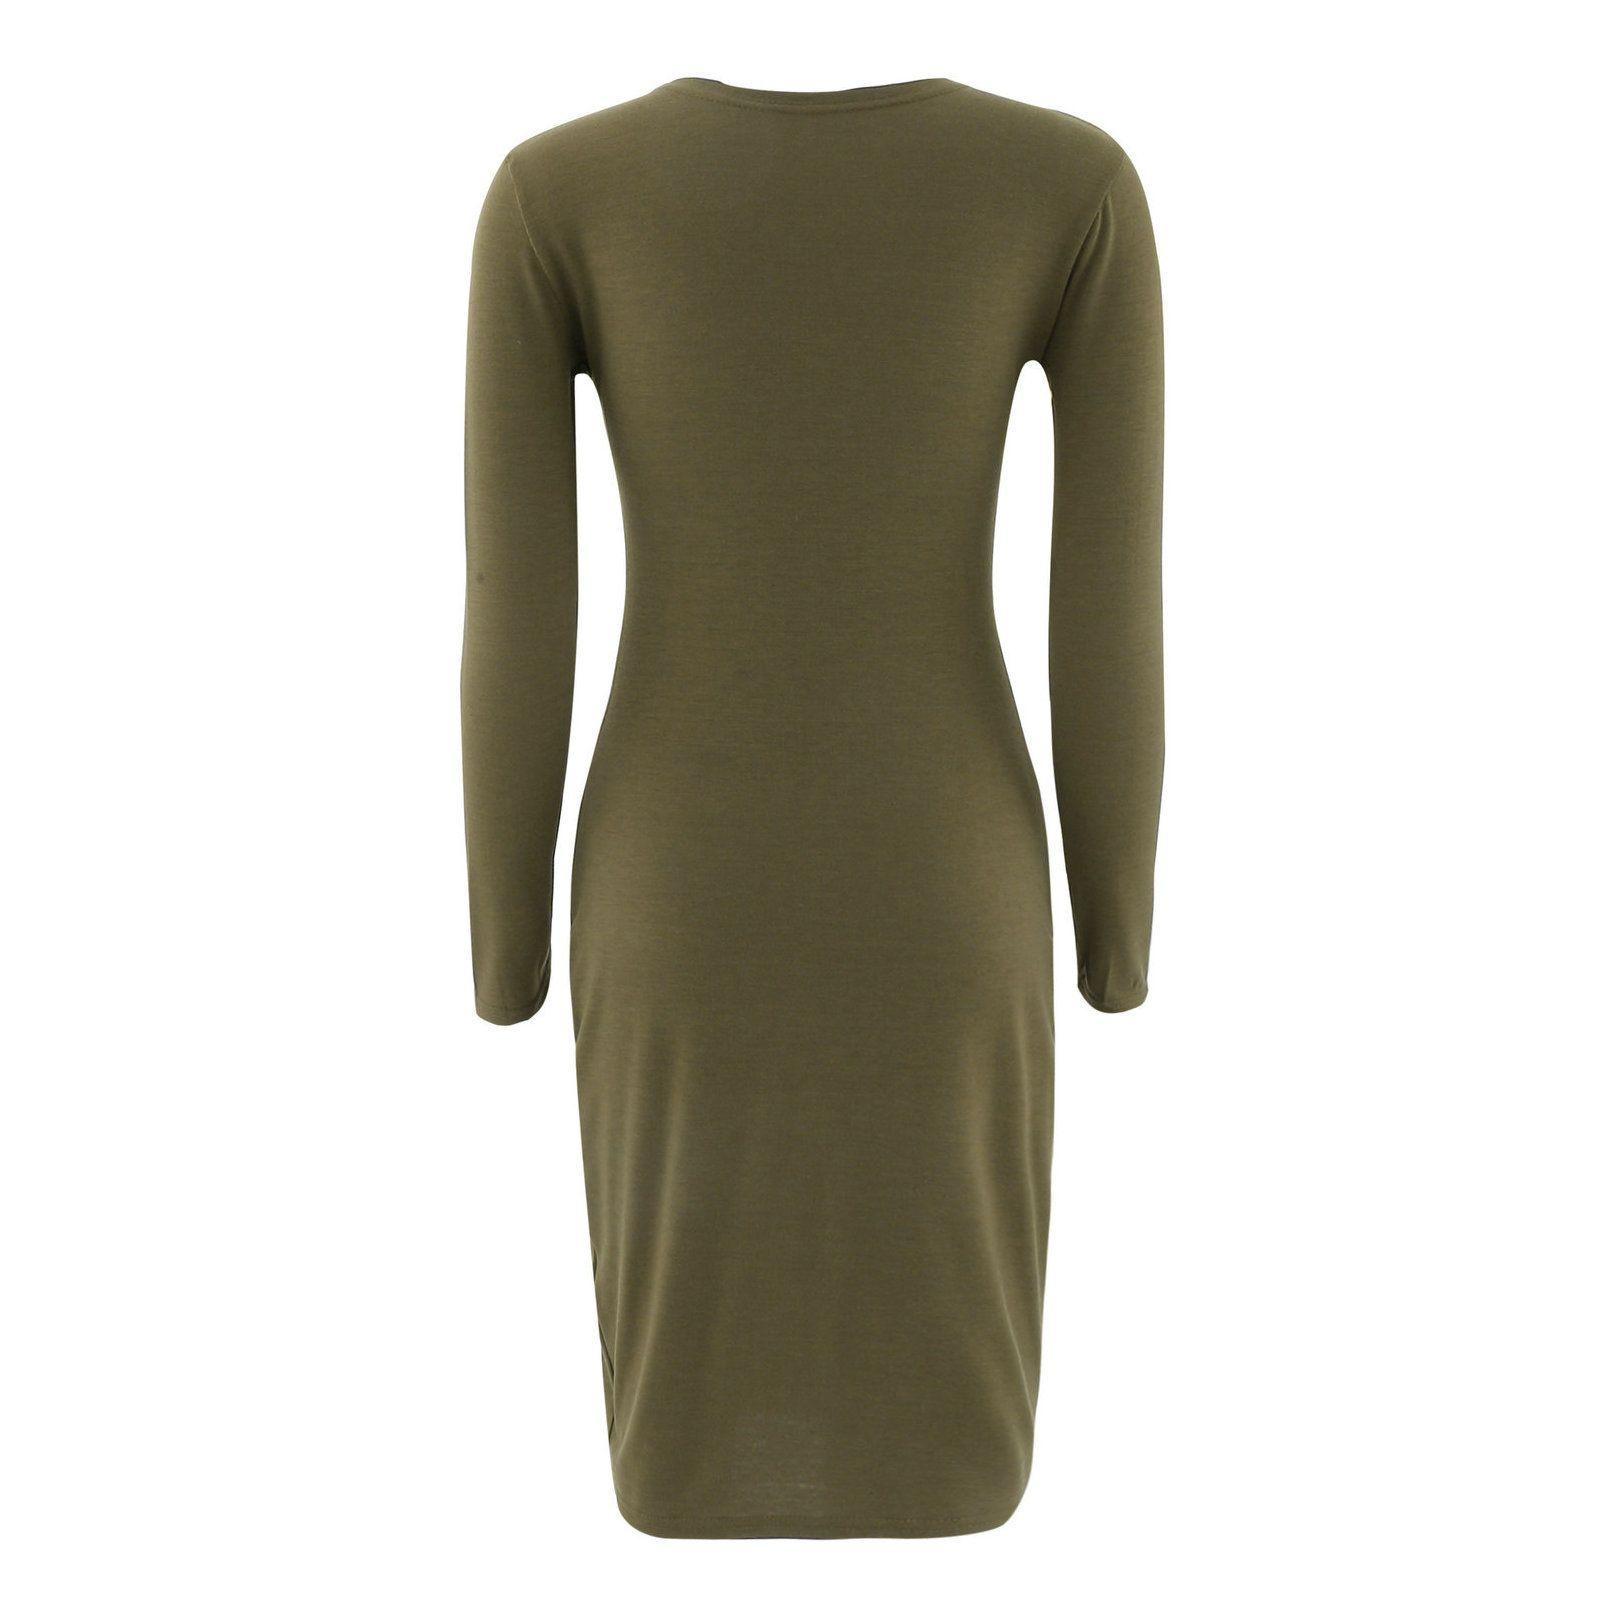 Офисные Платья Женщины Лето Dress Черный Женщины 2017 Весна Новые Поступления Мода С Длинным Рукавом Карандаш Dress Дамы Повседневная Работа Dress